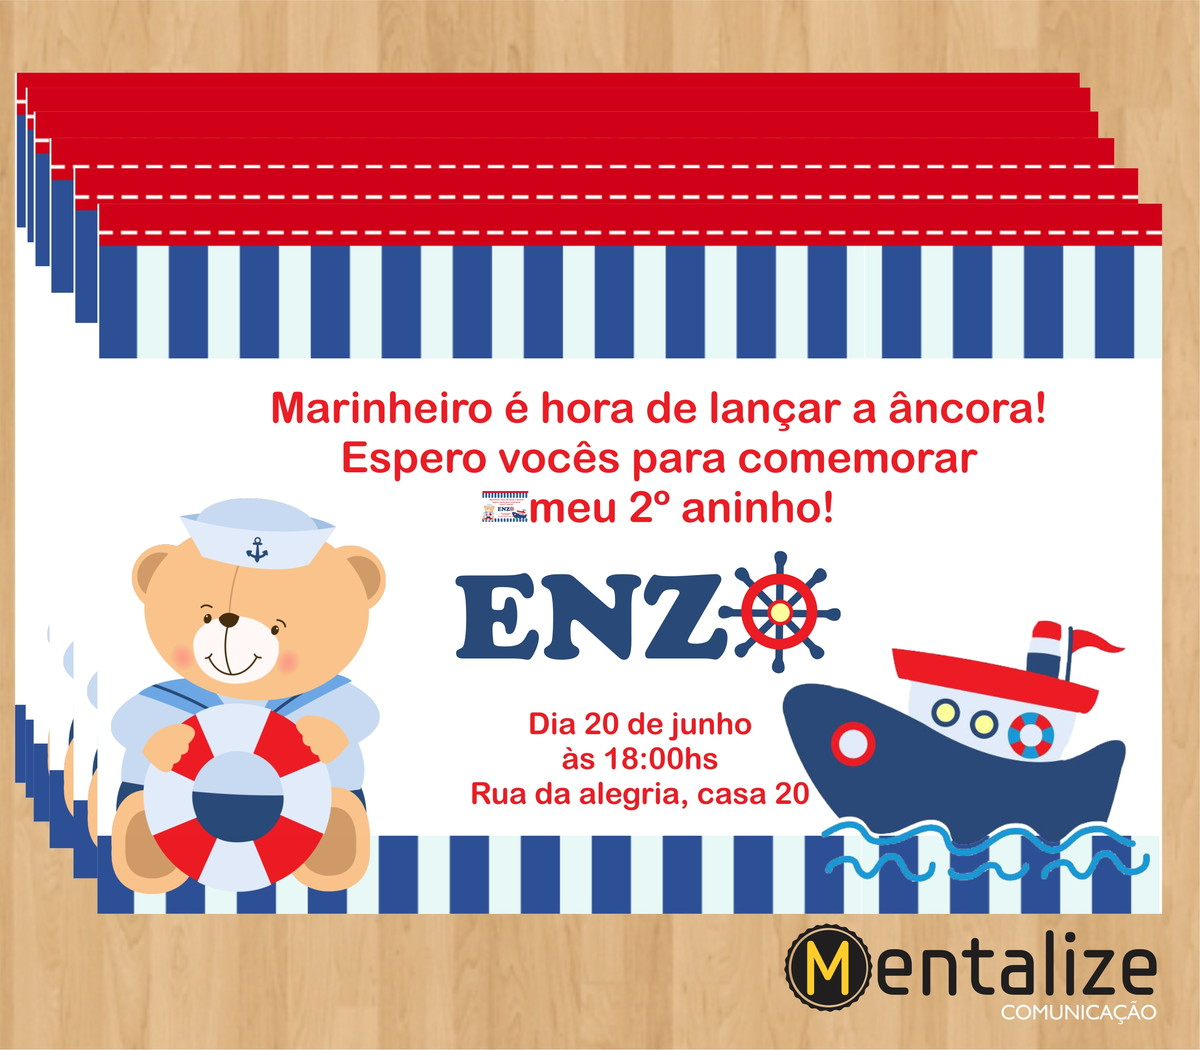 Amado Convite Ursinho Marinheiro no Elo7   Ruany Bento (599FCB) MS78